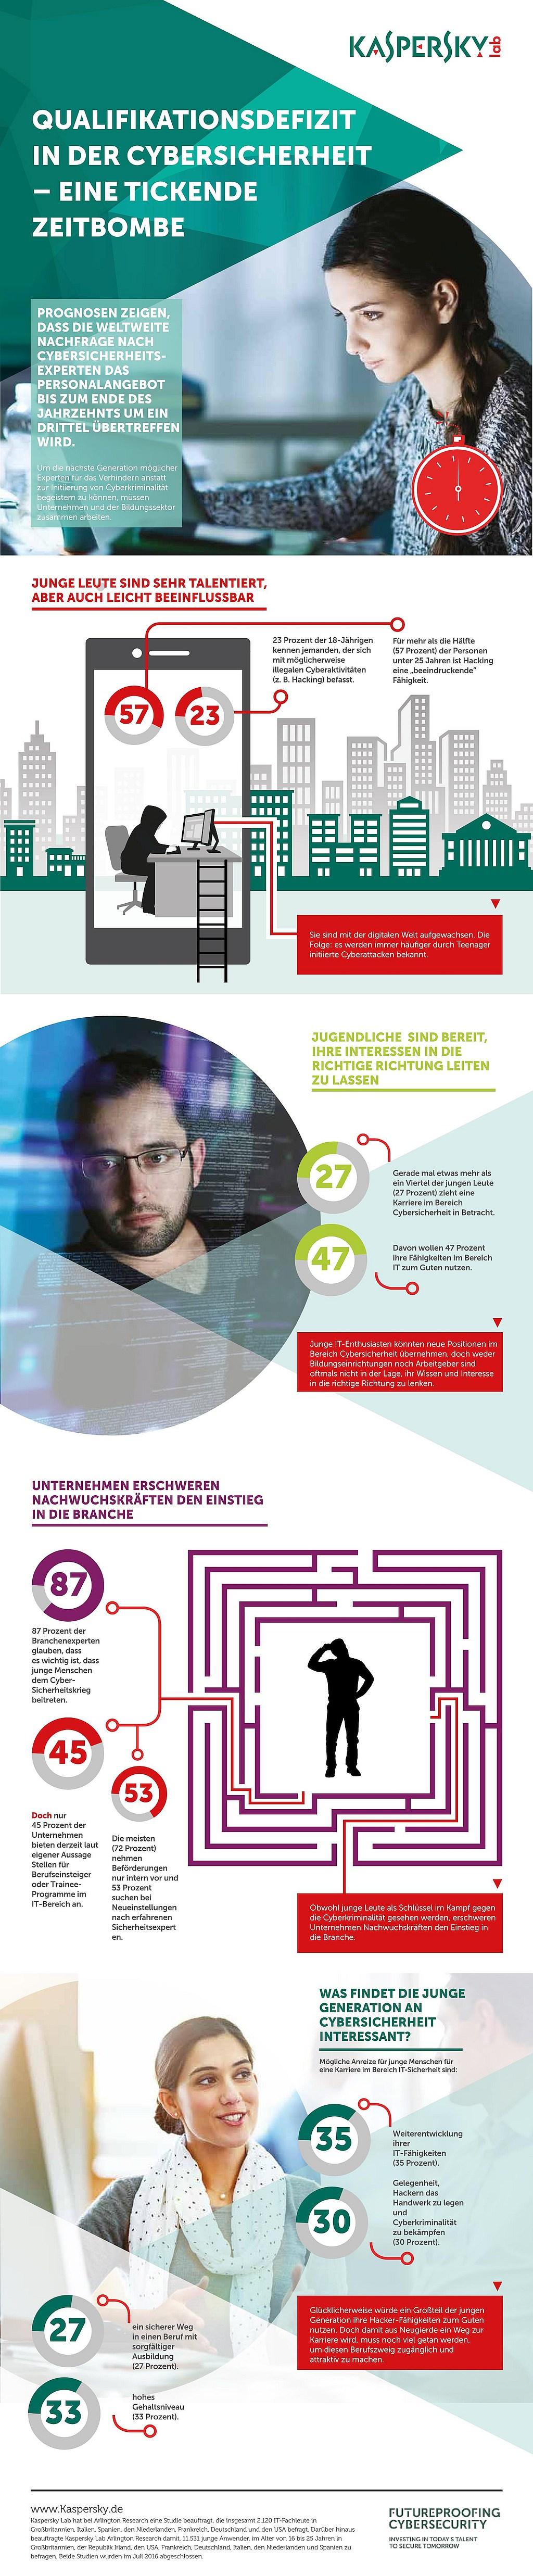 infografik-kaspersky_cyberskills_report